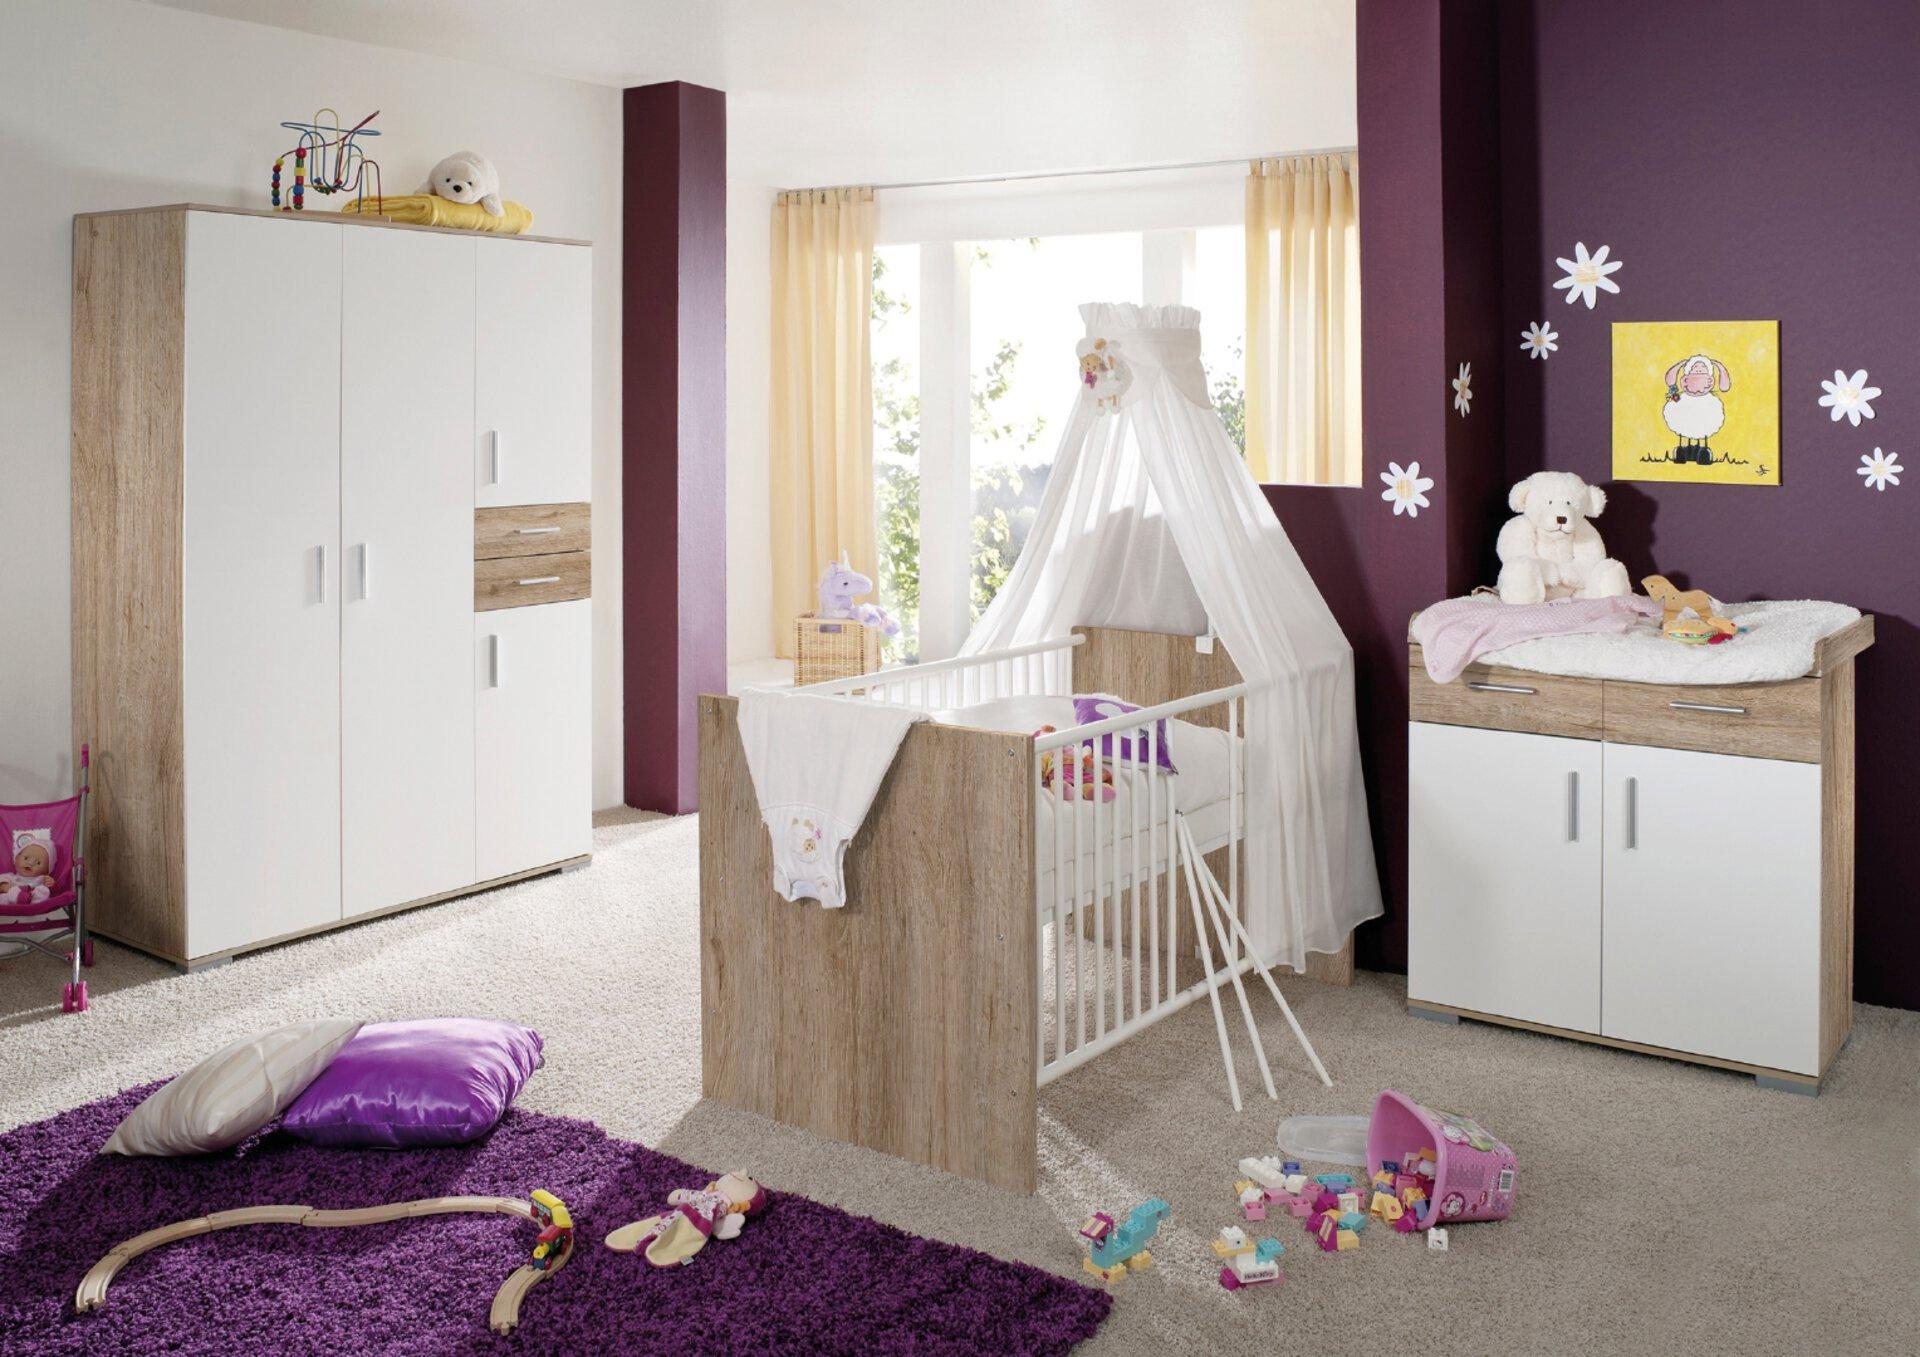 Babyzimmer-Set 4tlg von BABYPLUS